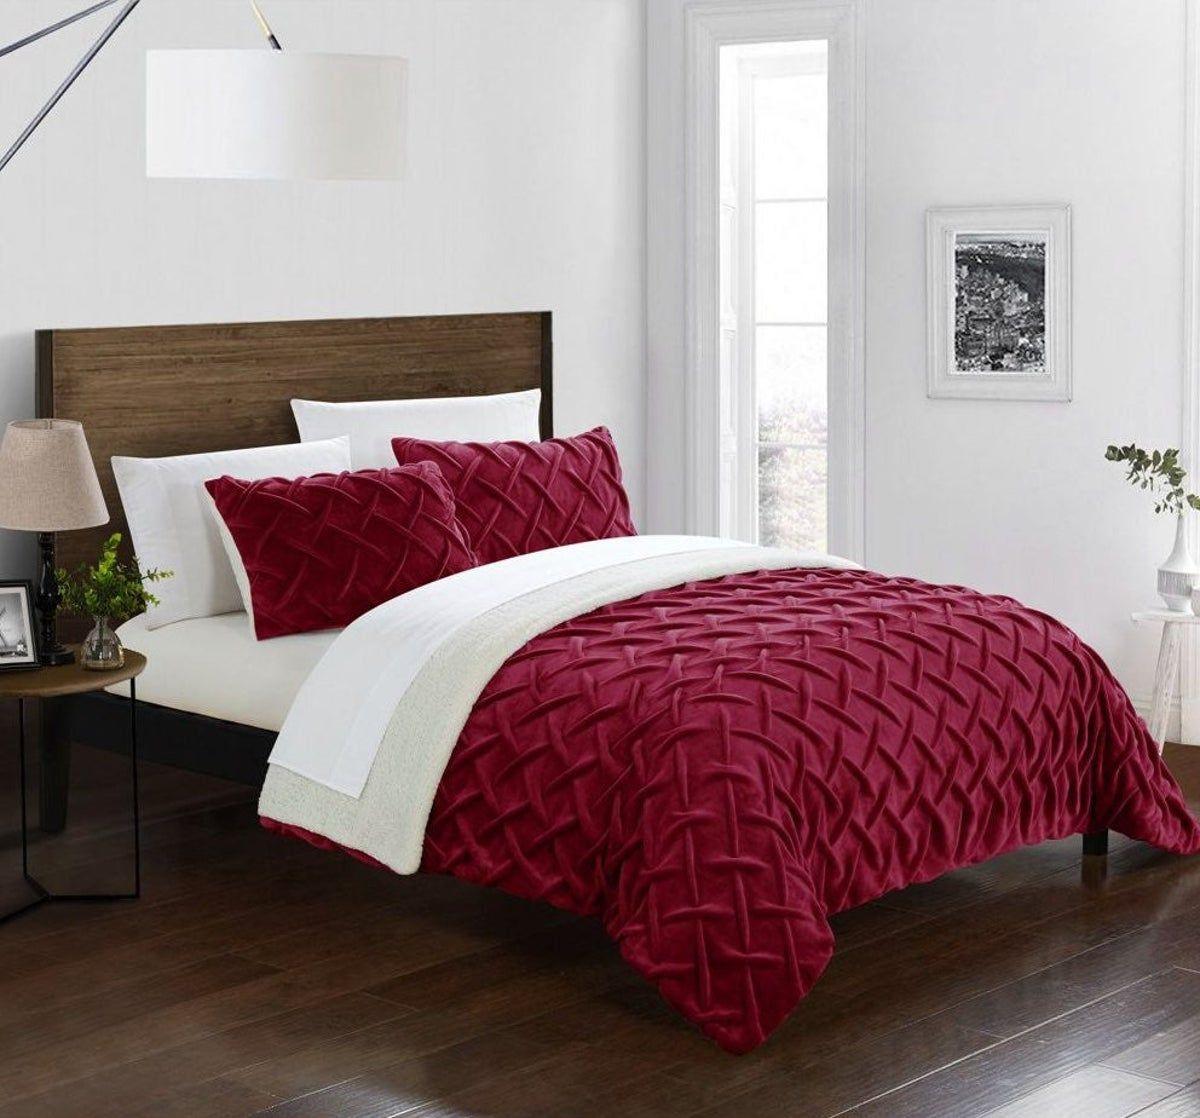 Soft Plush Patterned Comfy Comforter Set